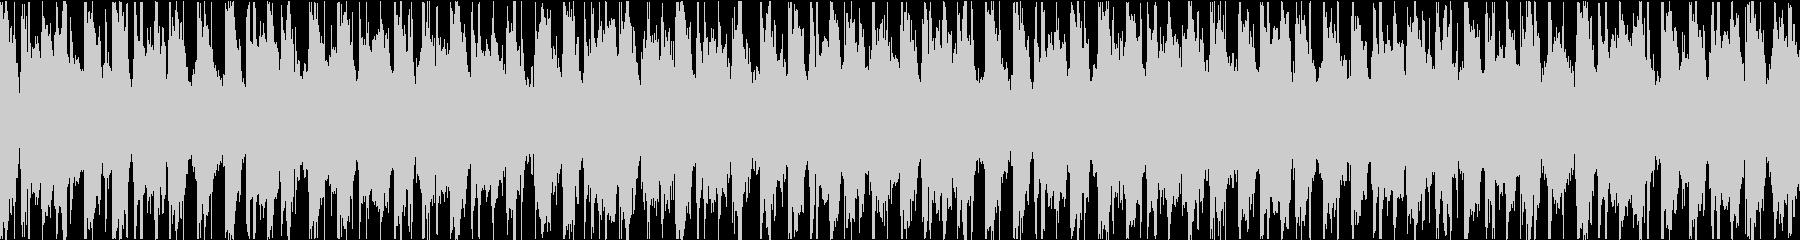 ピアノが特徴のEDM ファンク ループの未再生の波形